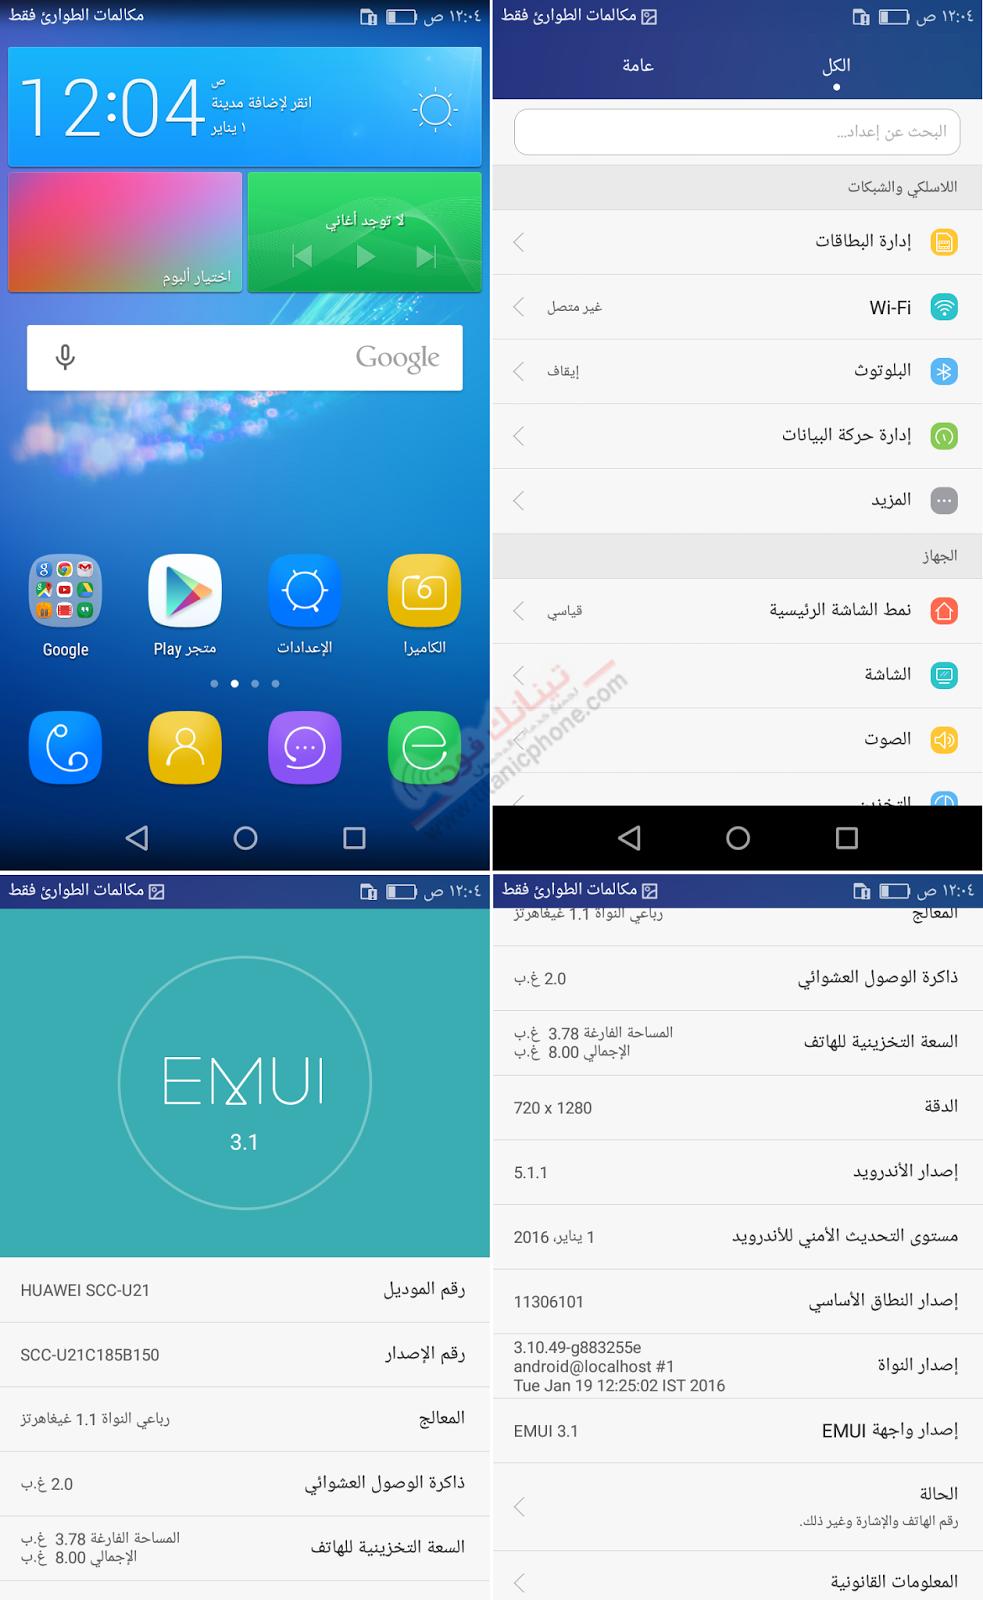 التحديث الرسمي العربي لهاتف Huawei Y6 SCCU21  اندرويد